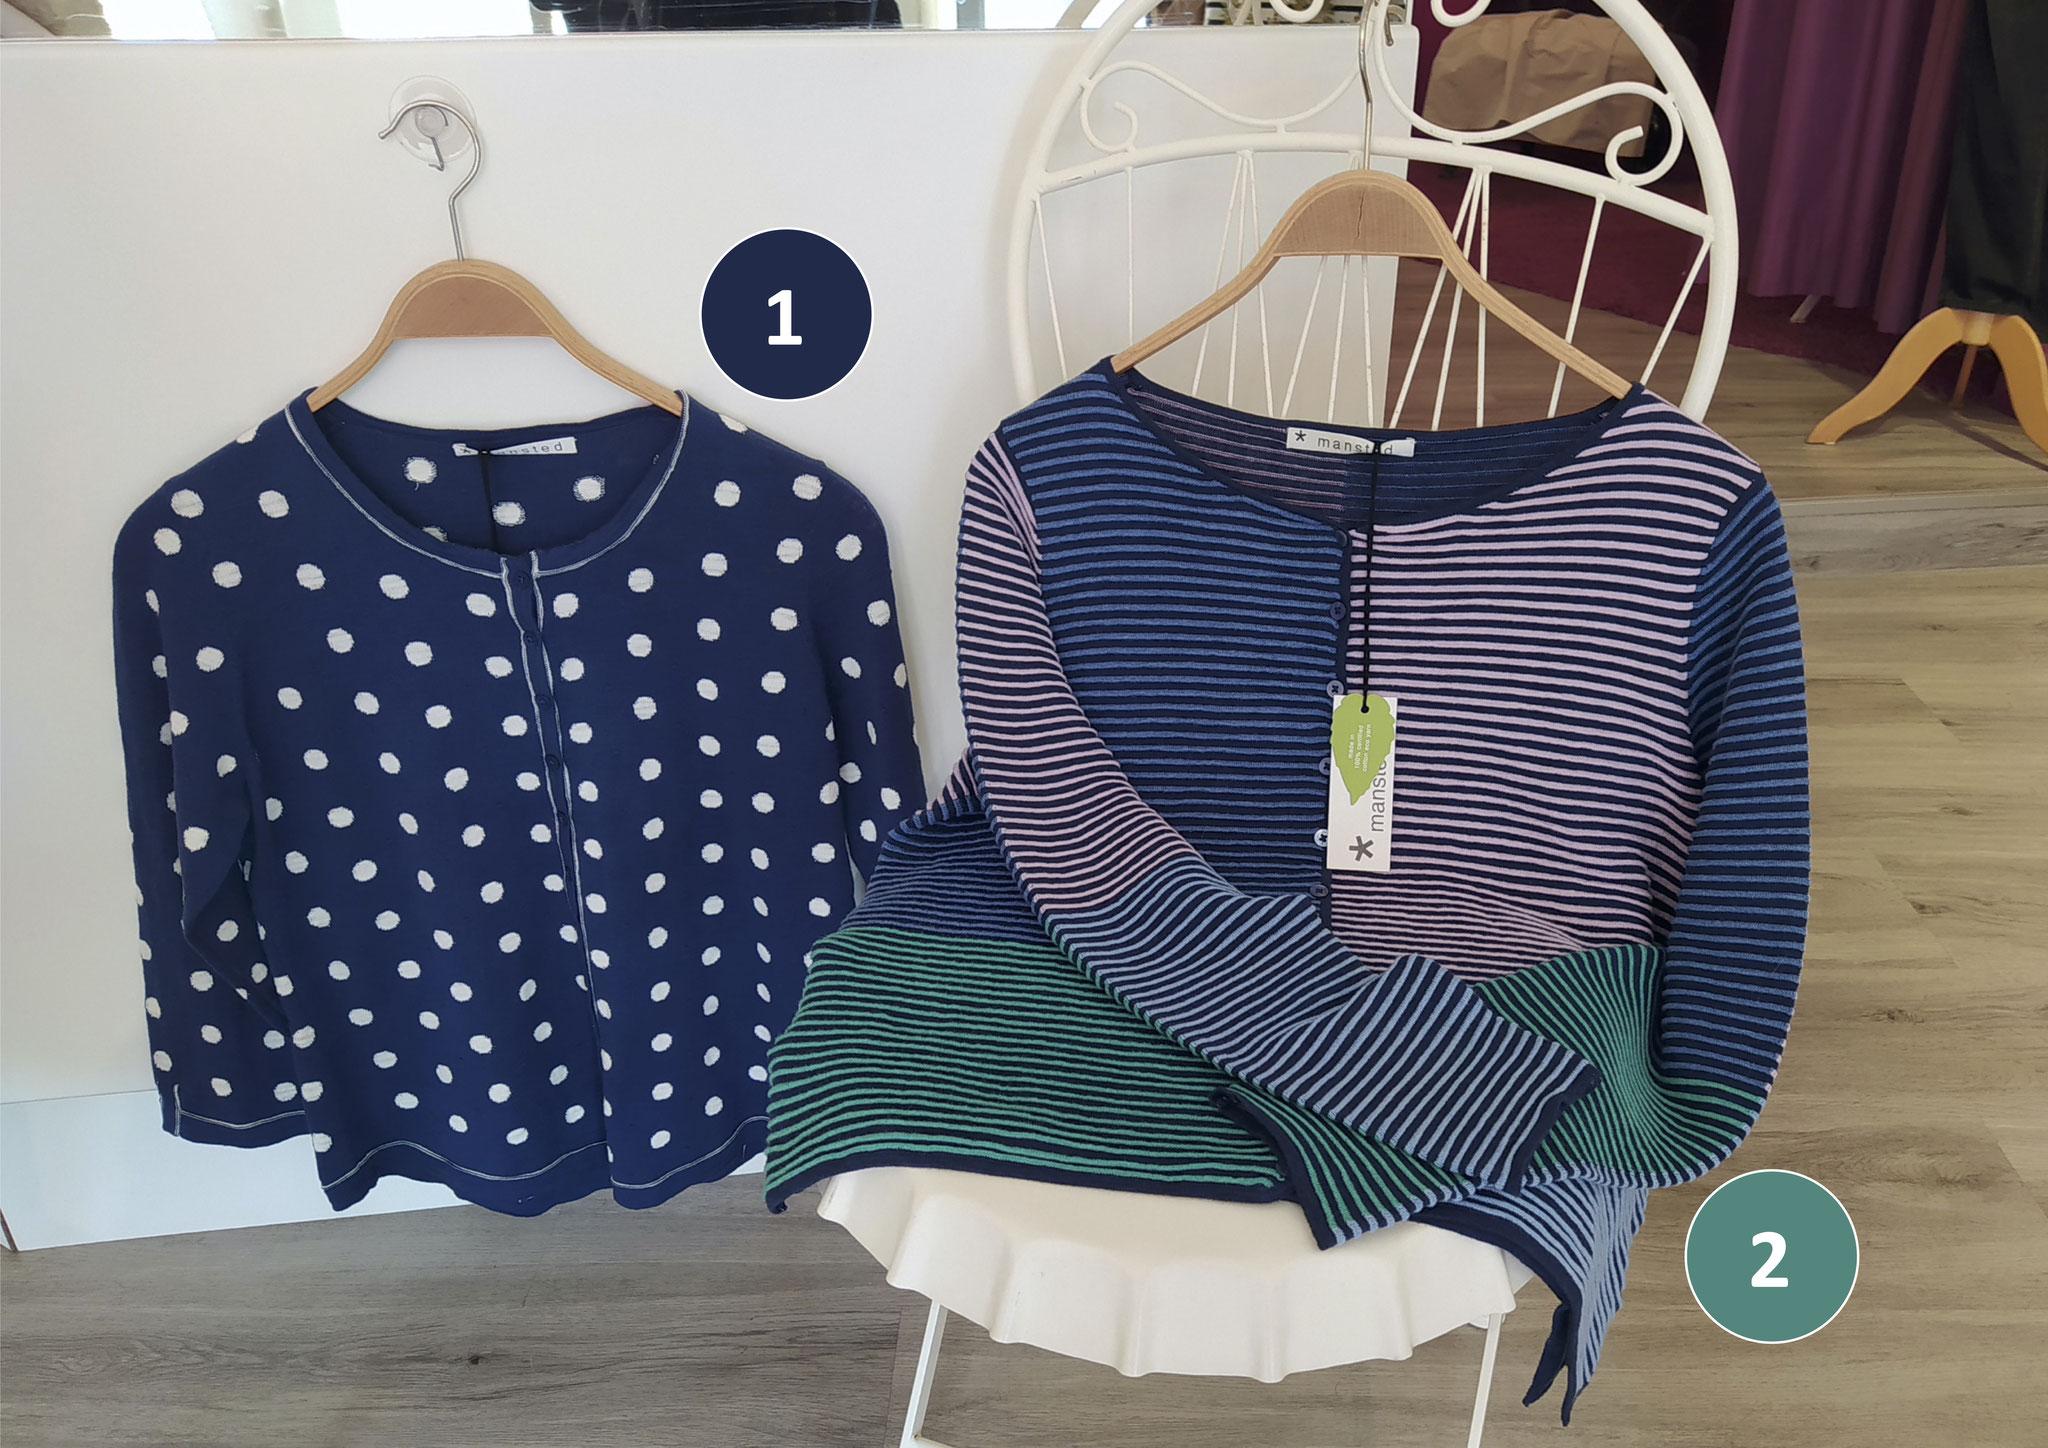 1. Pulli Jacke, Baumwolle (119€), 2. Streifen-Jacke, weit, Baumwolle (119€)